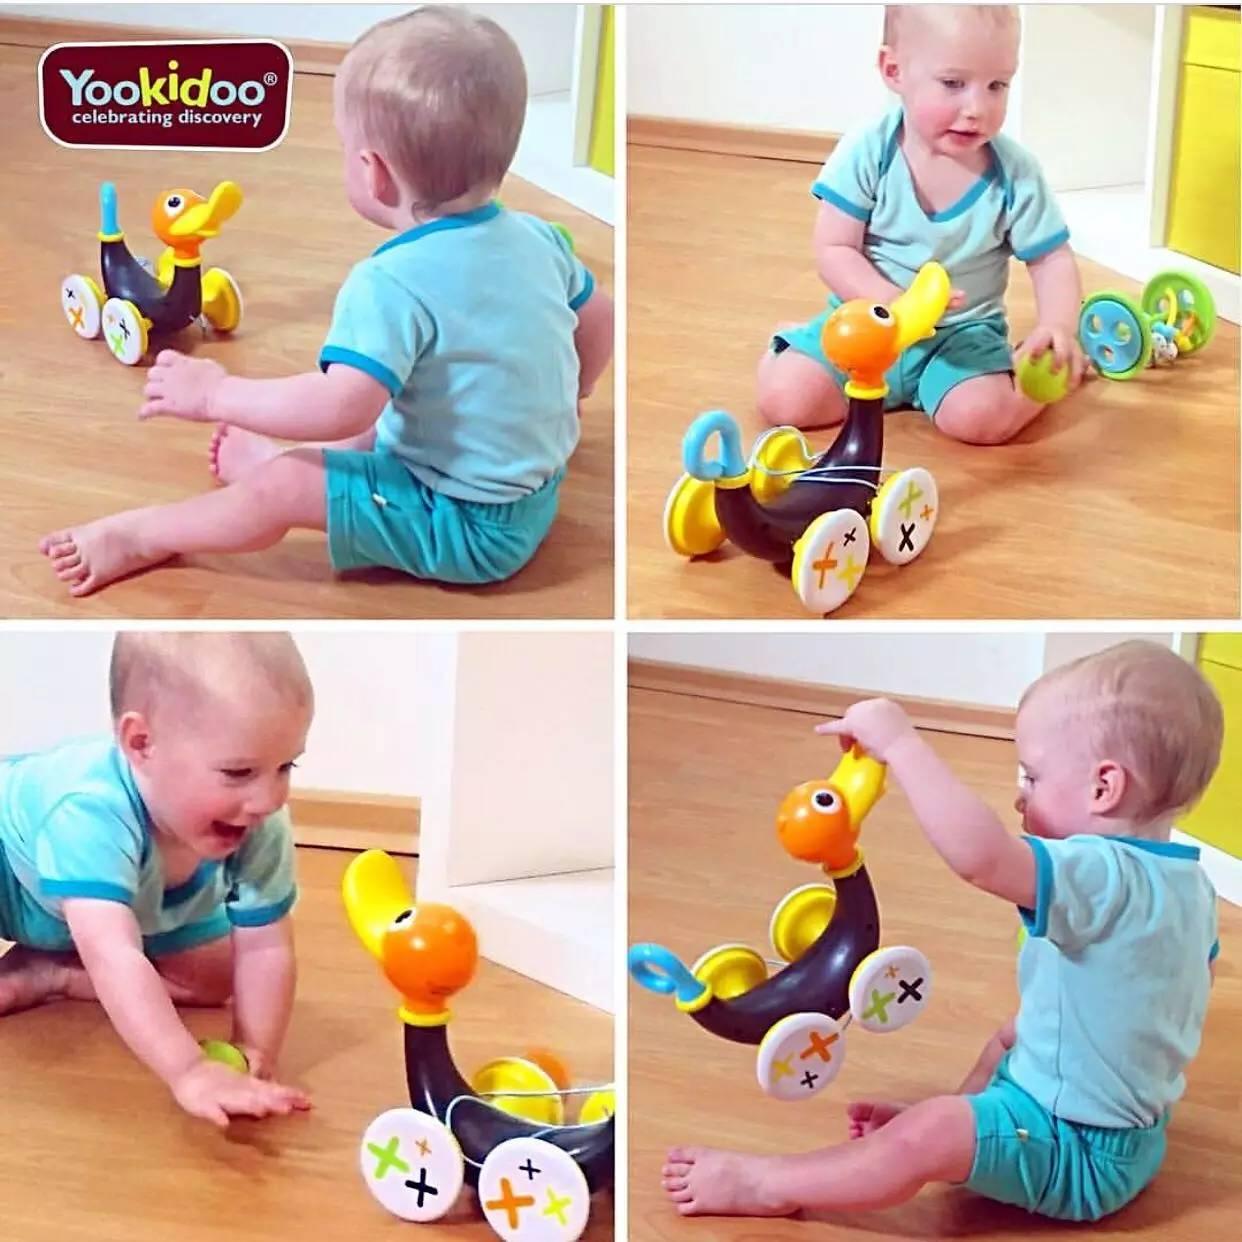 玩具团 美国幼奇多yookidoo音乐拉绳鸭,多种玩法,训练宝宝感统协调 发展精细运动